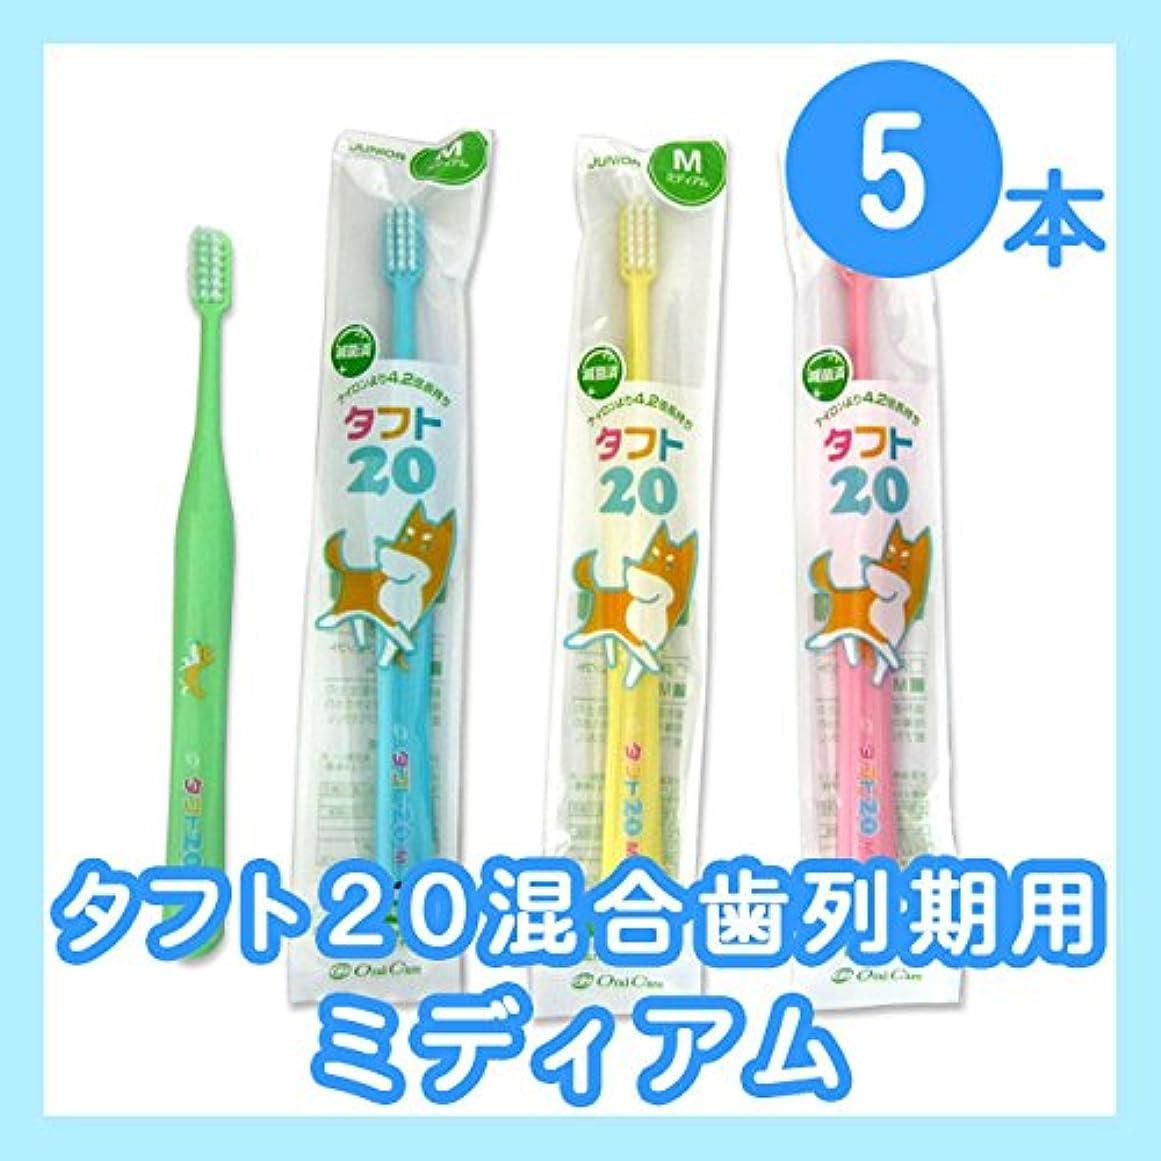 すり減る女性いろいろタフト20 5本 オーラルケア タフト20/ミディアム 混合歯列期用(6~12歳)こども歯ブラシ 5本セット 子供 歯ブラシ【 イエロー